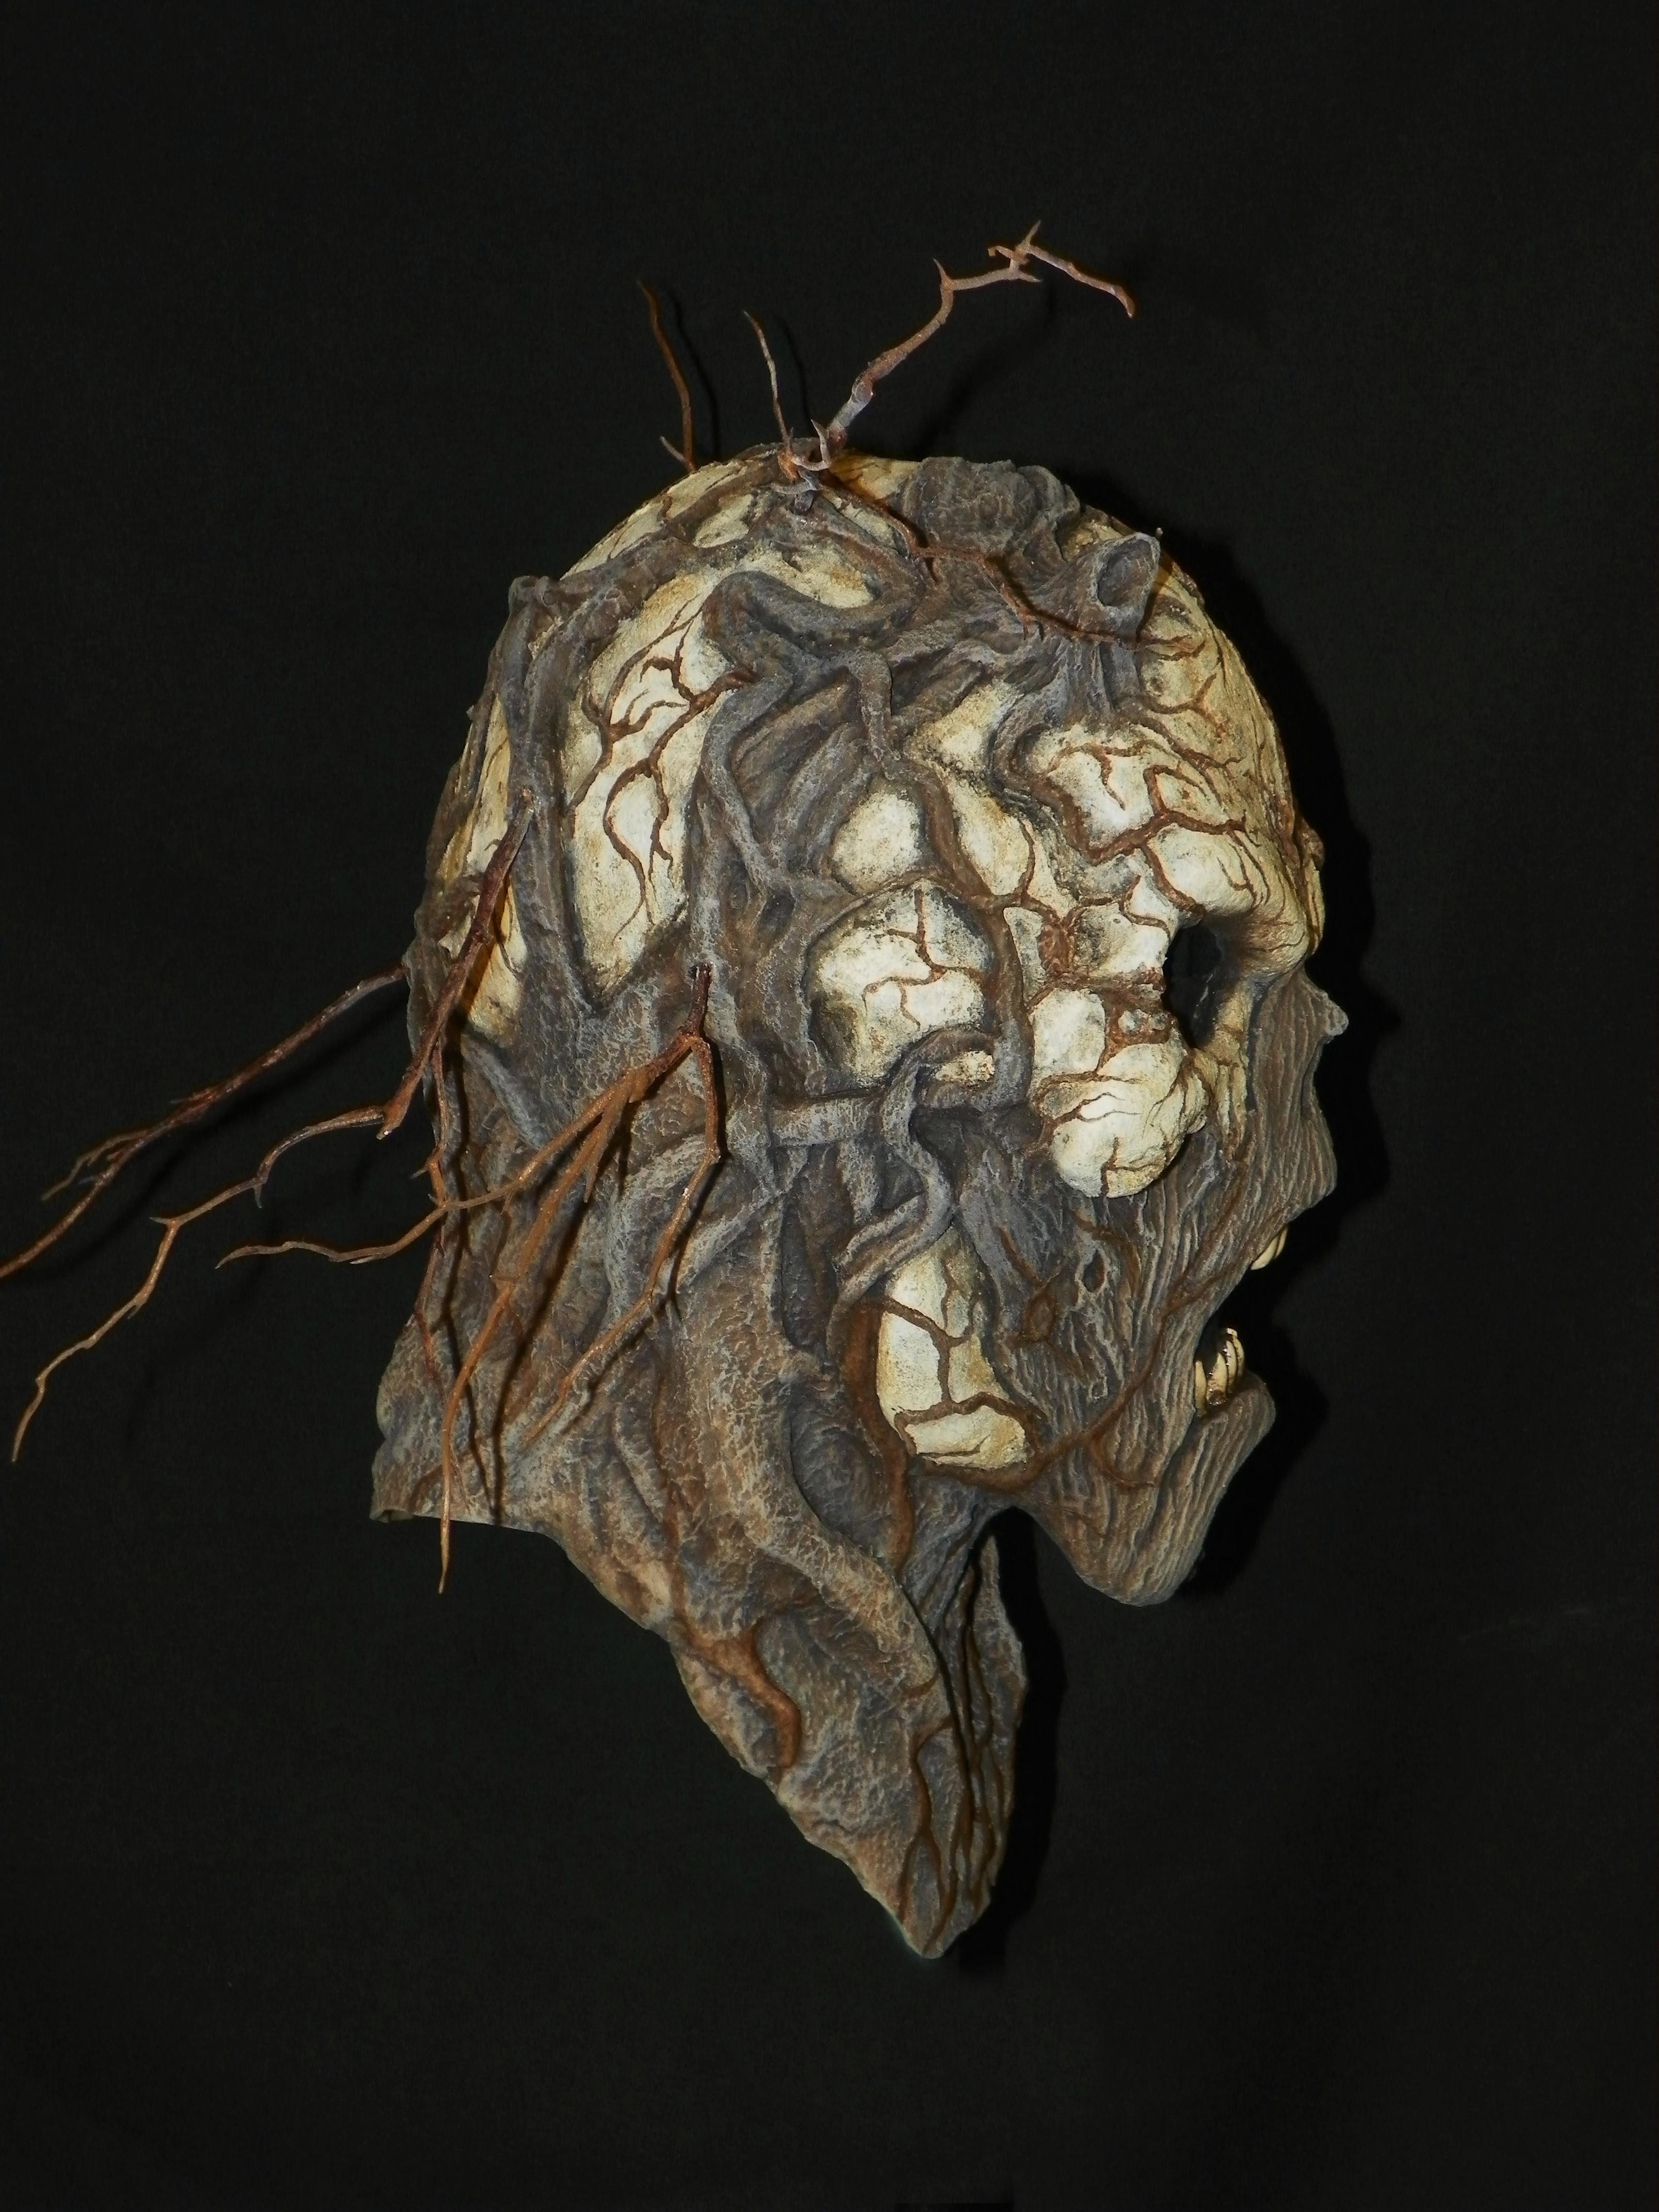 triffoid wald mon maske f r halloween karneval universe. Black Bedroom Furniture Sets. Home Design Ideas